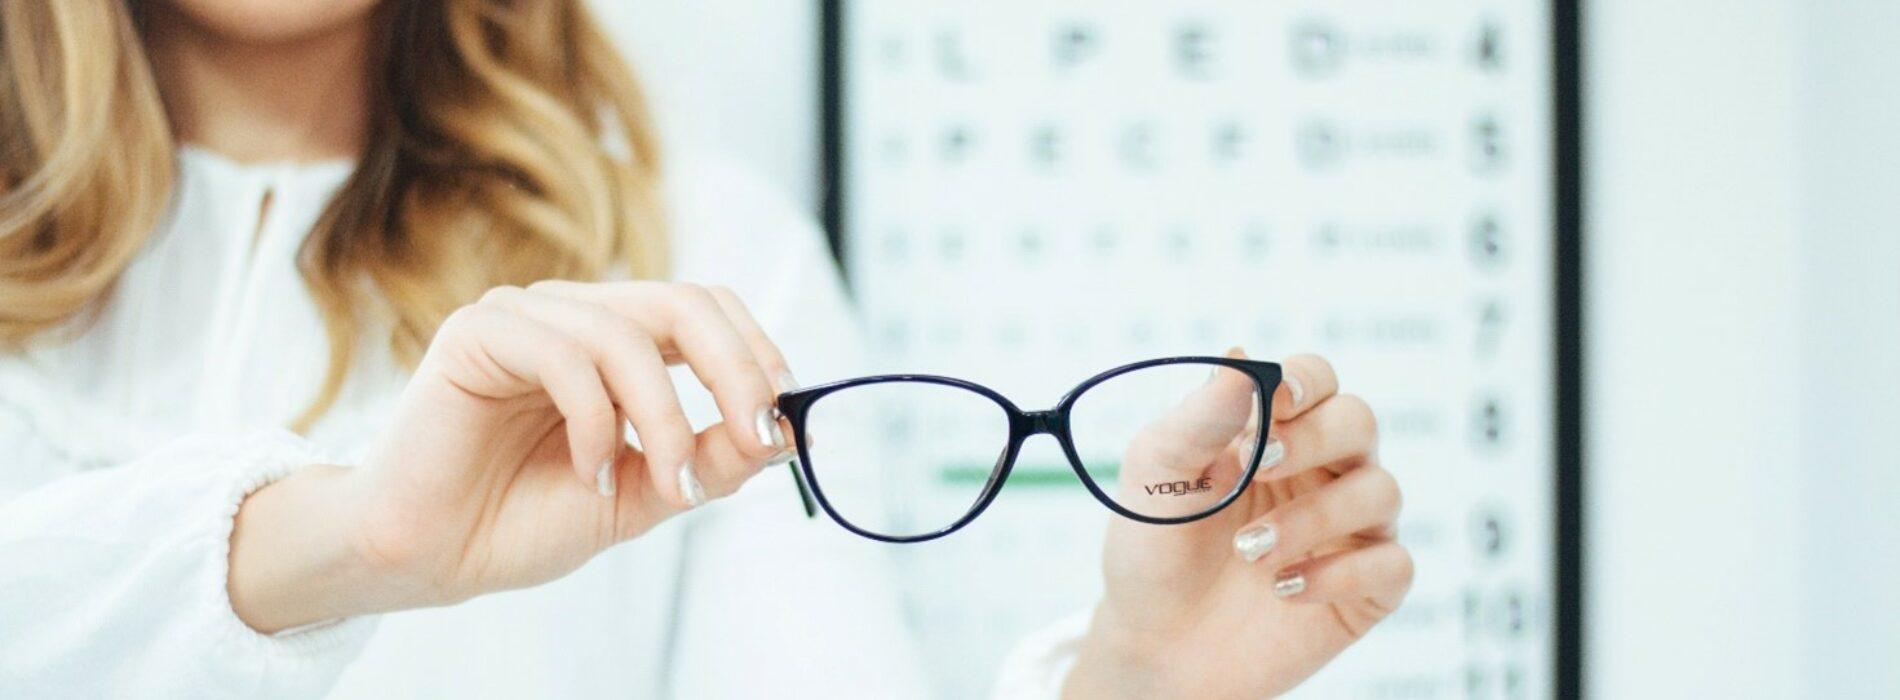 Co robią cylindry w okularach?